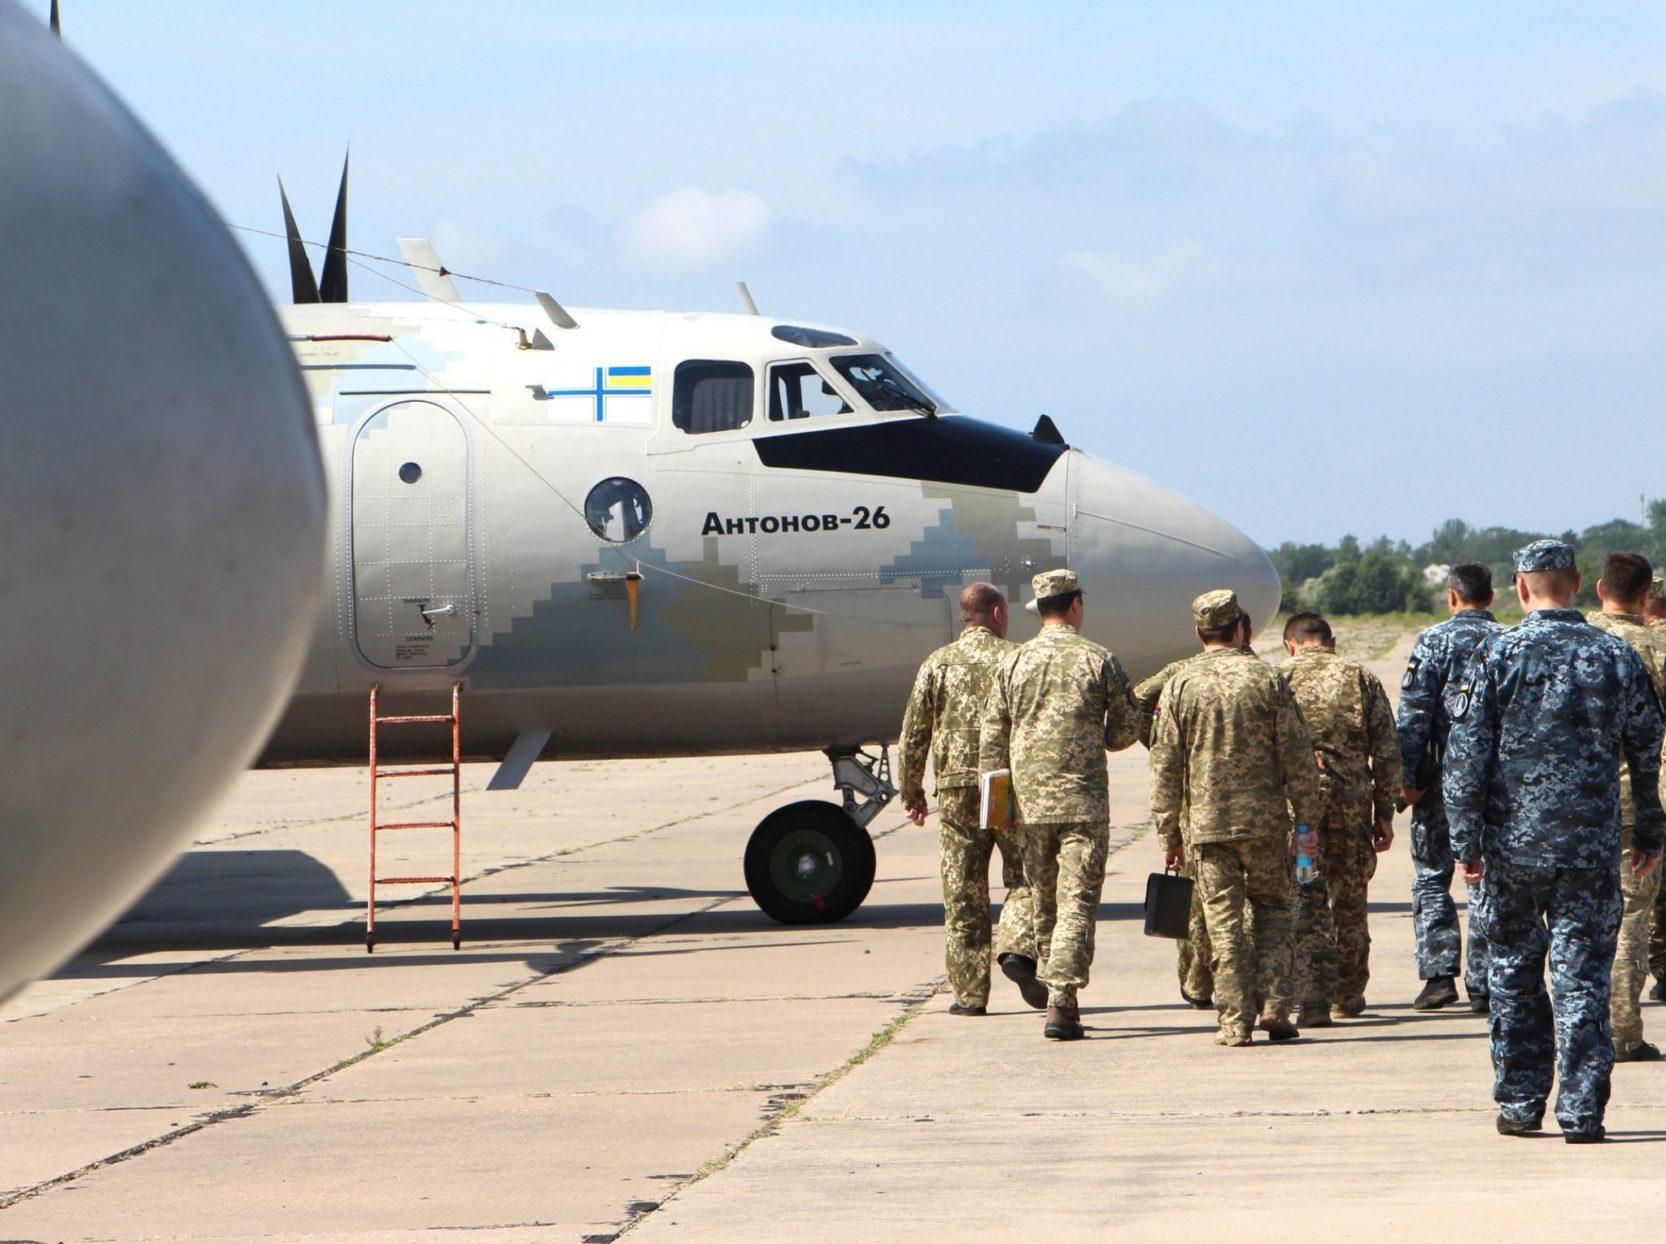 Морська авіабригада провела навчання з приземлення на непідготовлені польові аеродроми (ФОТО)